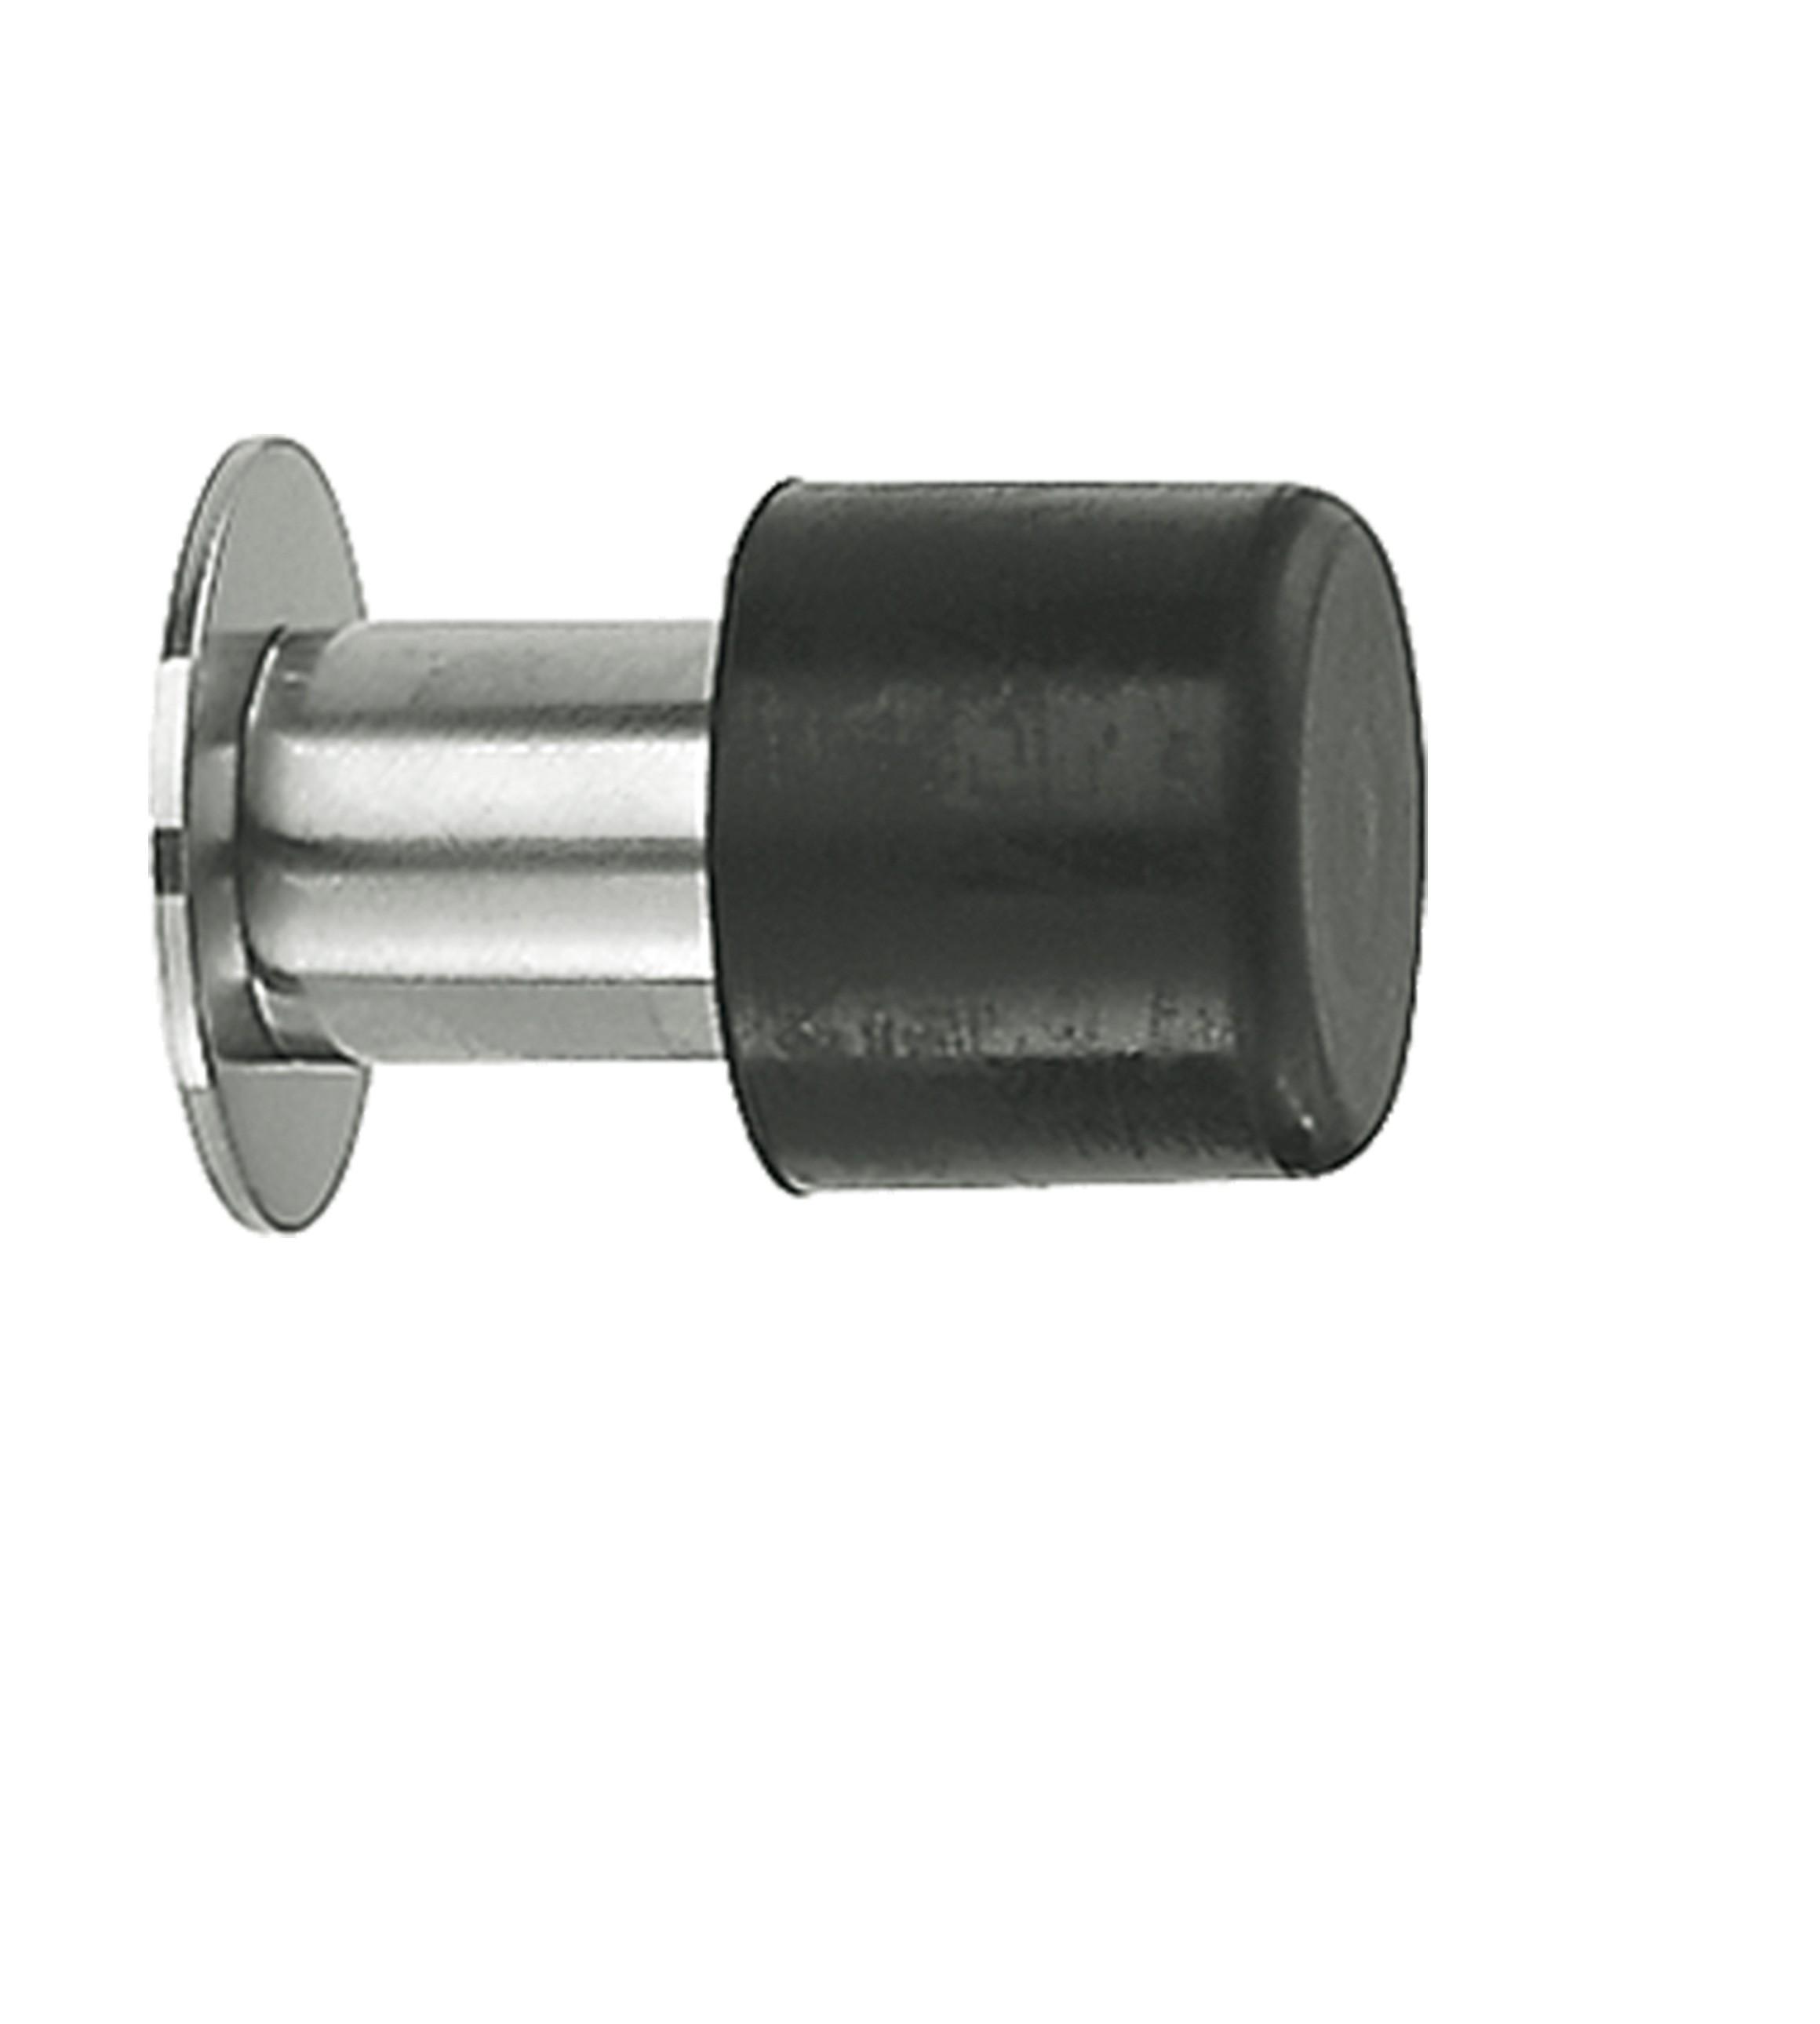 FSB Türpuffer 120 mm Bronze hell patiniert gew. (0 38 3880 00002 7615)